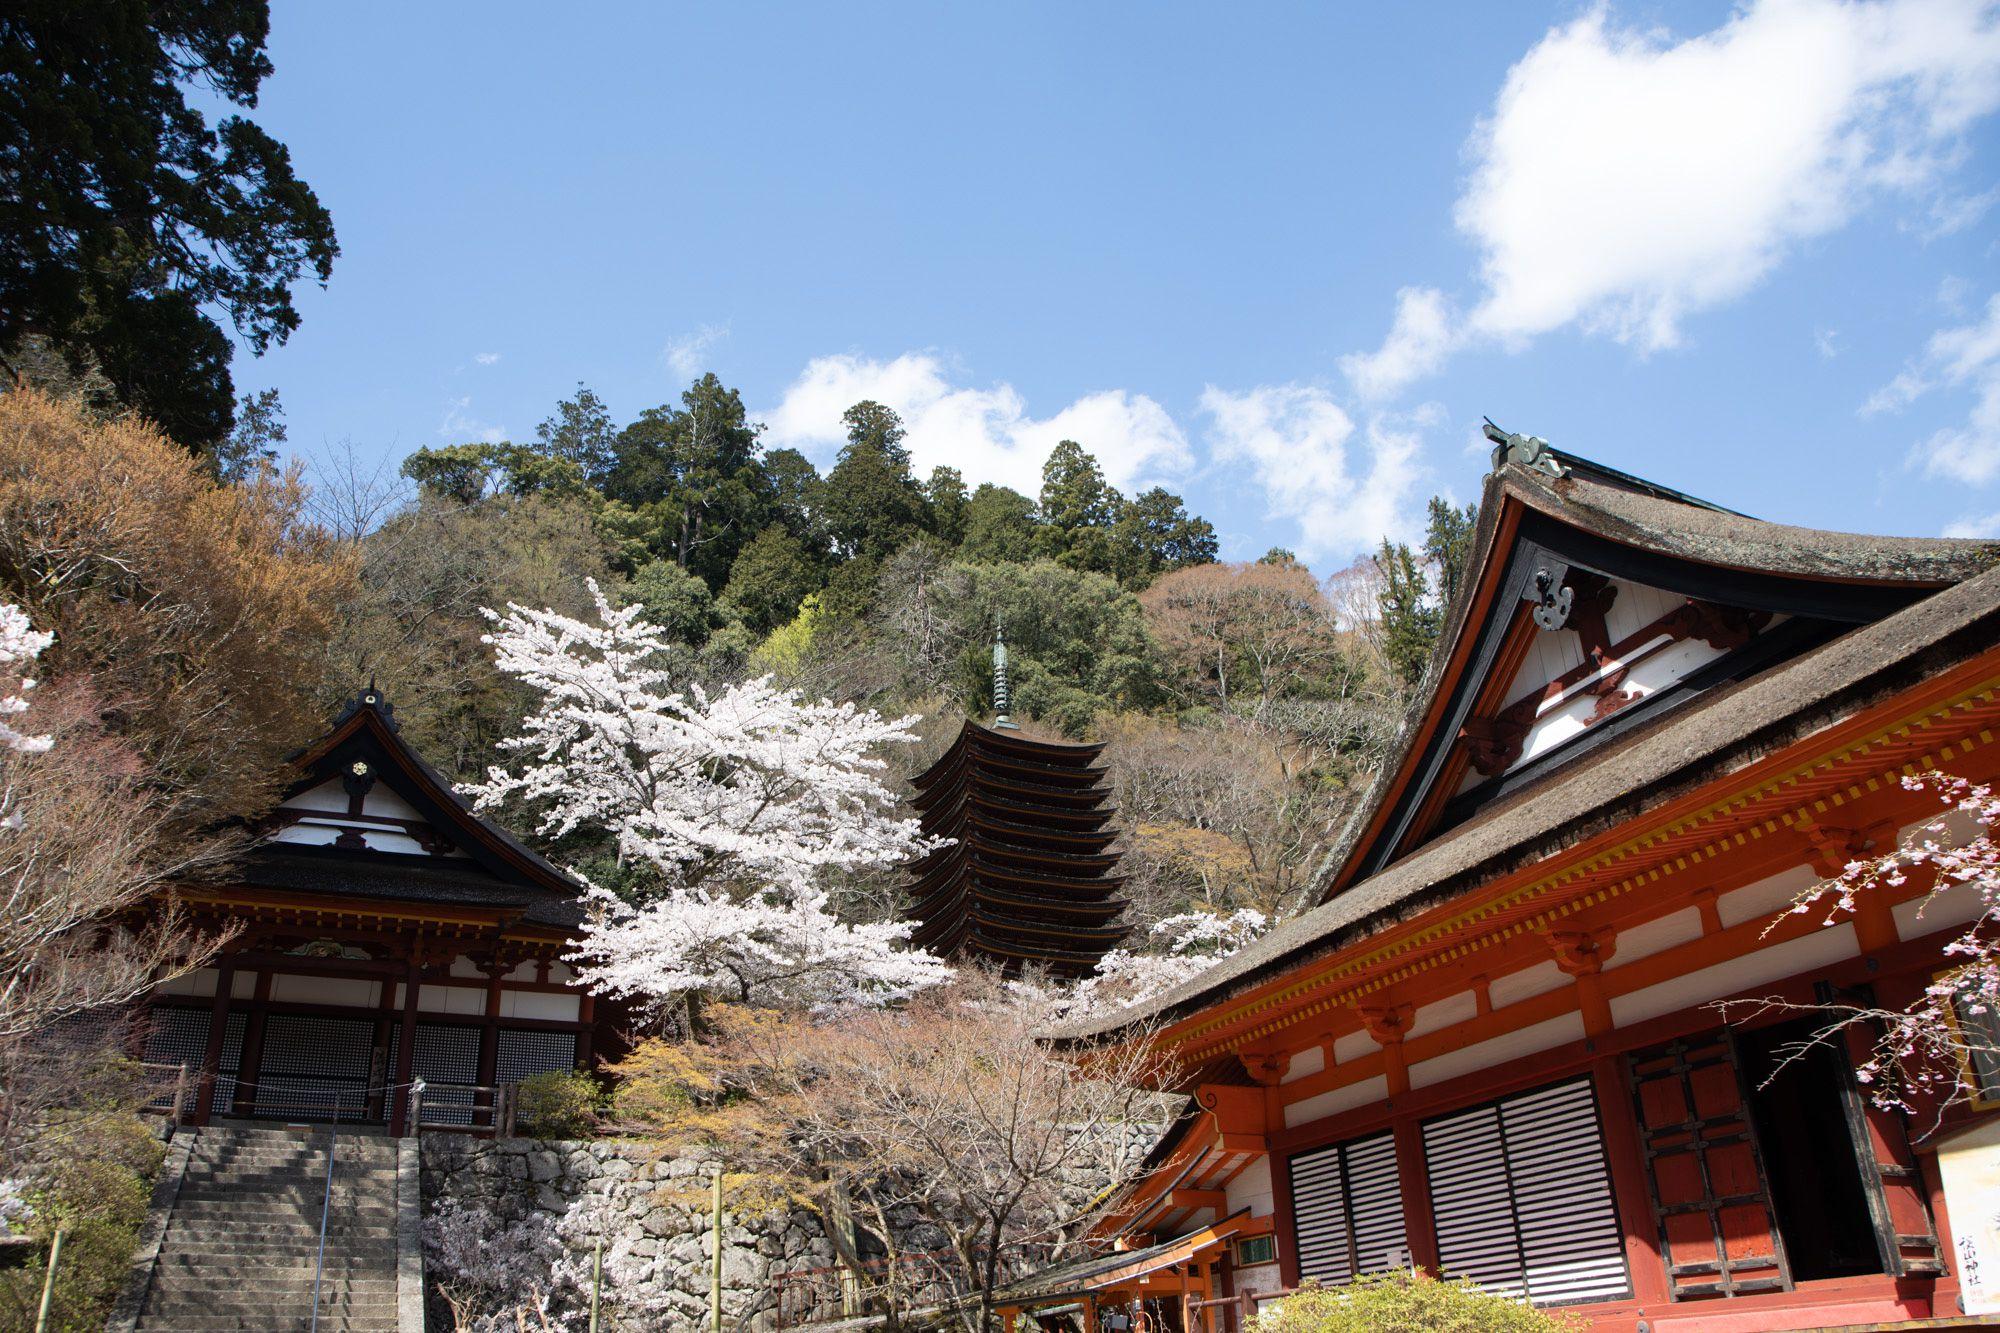 談山神社社殿。蹴鞠の庭から権殿(左)、十三重塔(中央)、神廟拝所(右)を見る。十三重塔は、世界最古の木造塔だという。